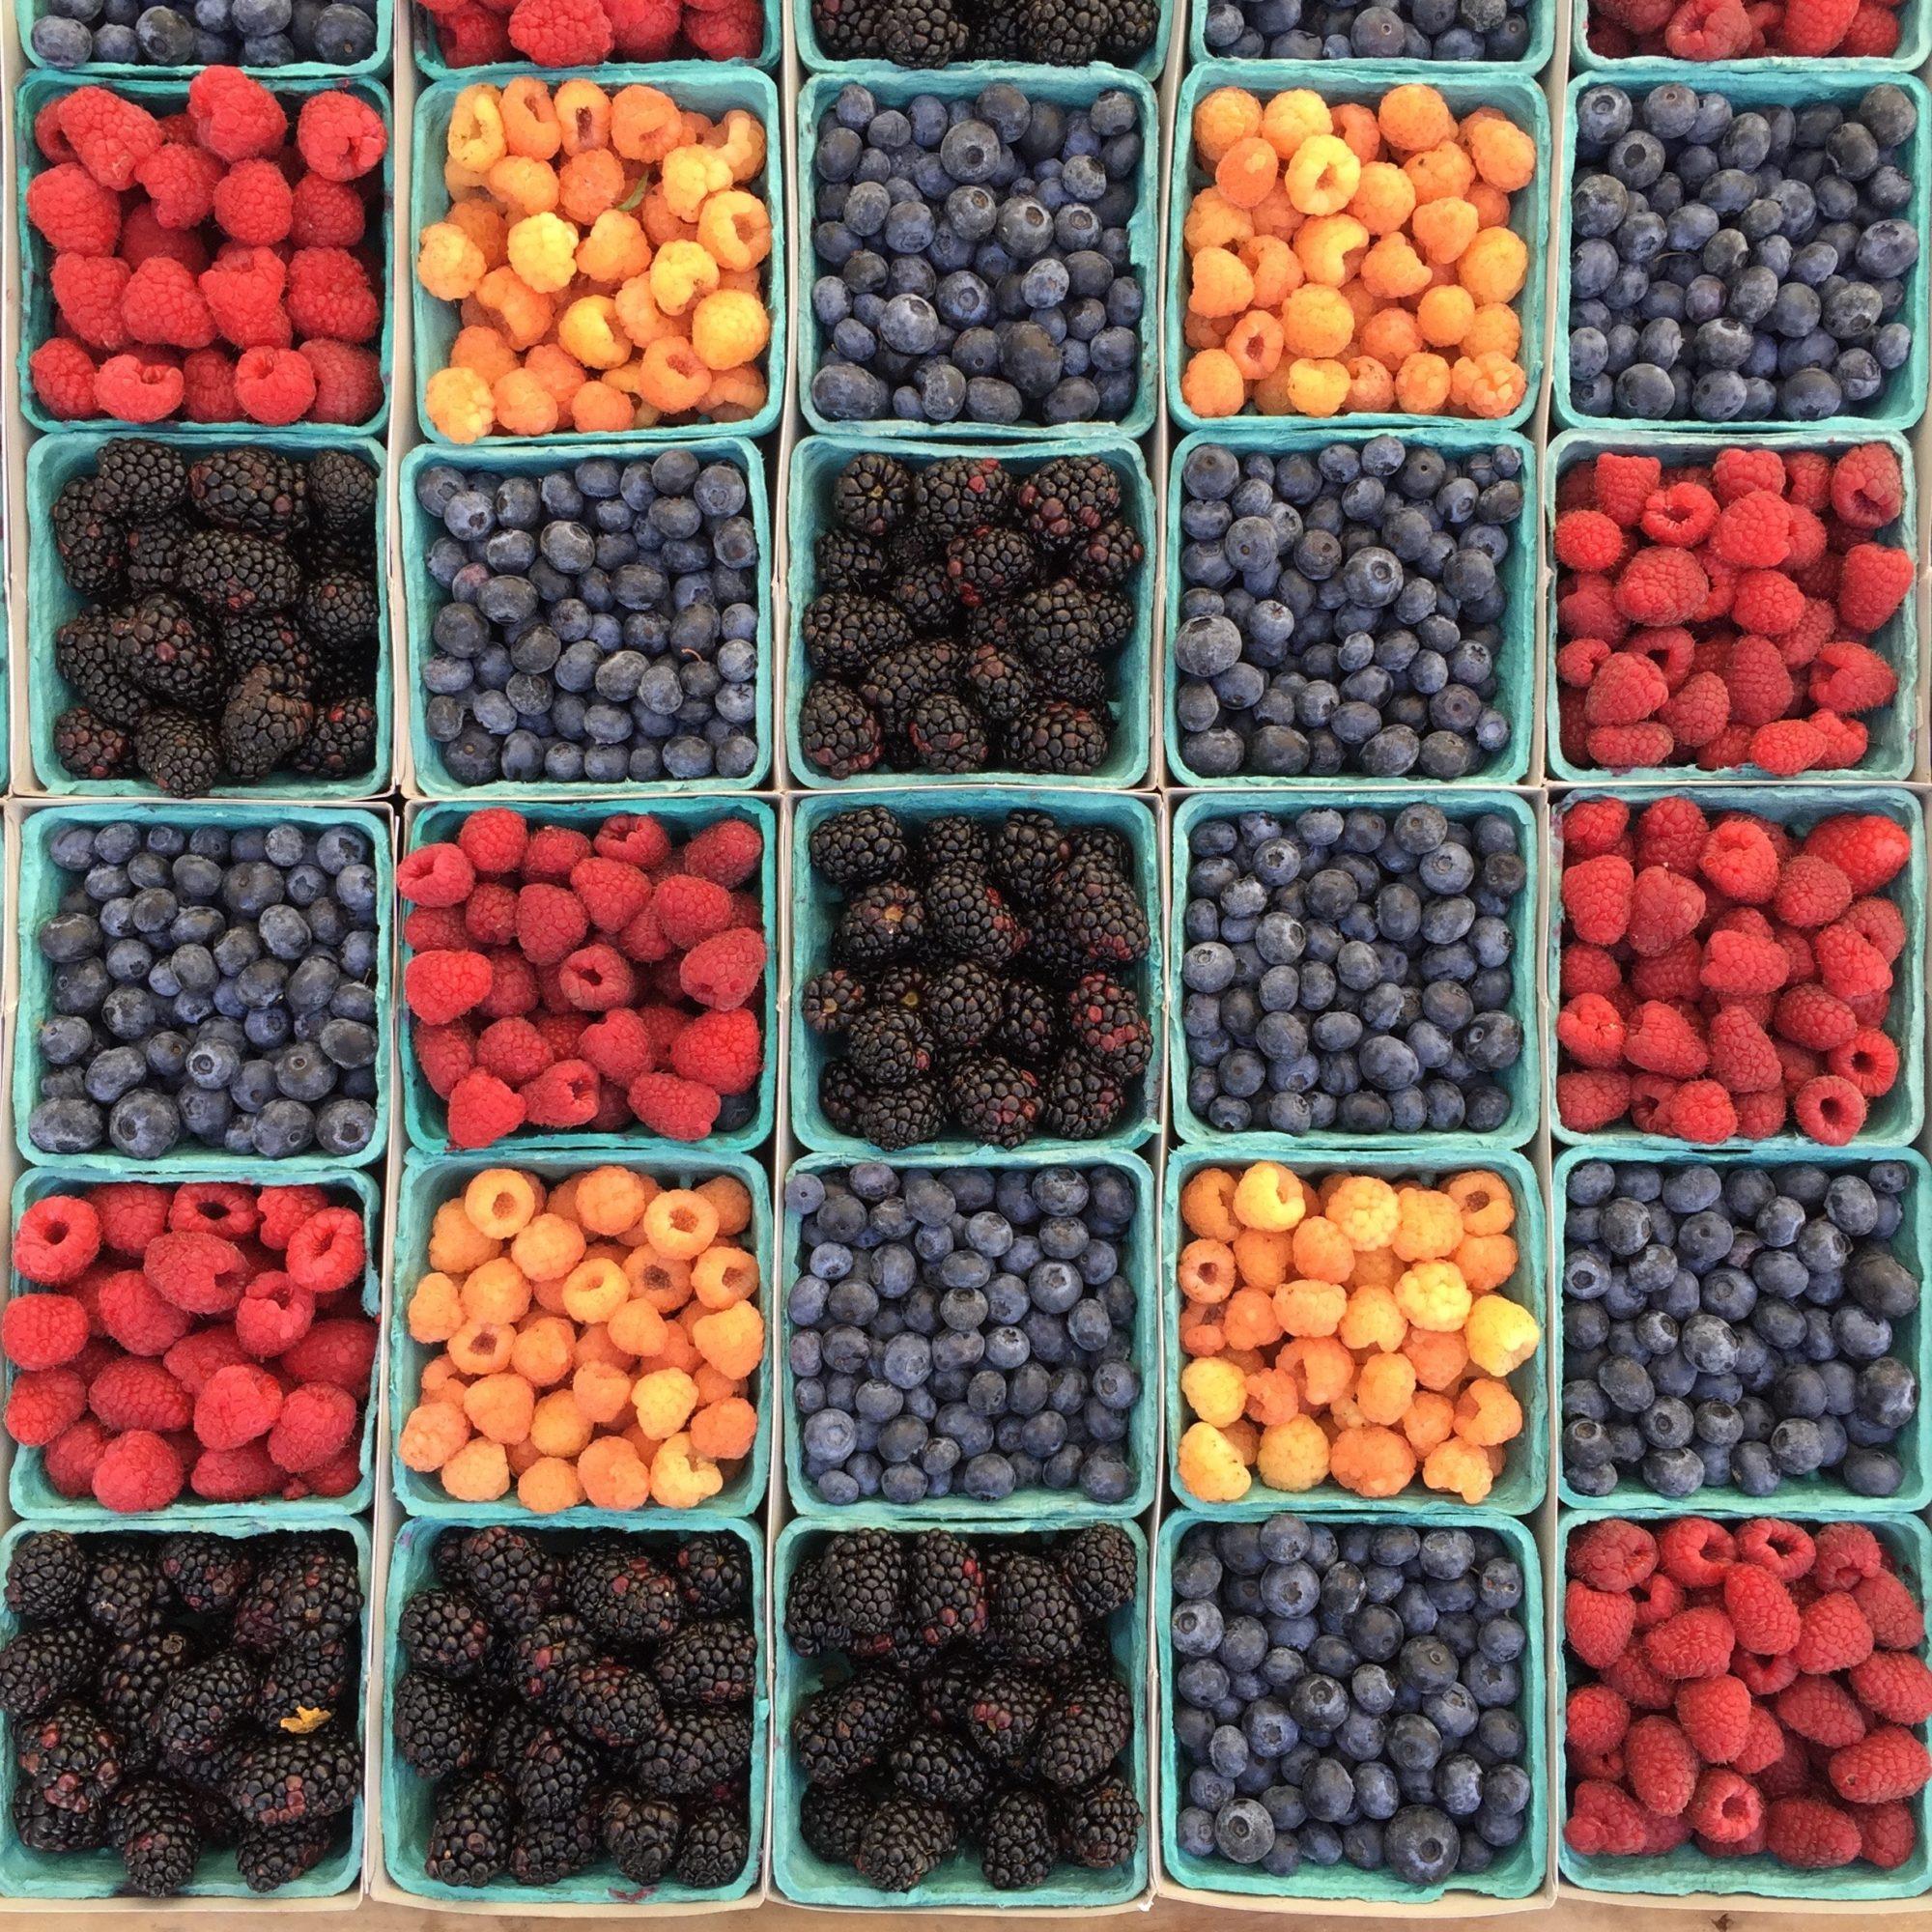 Kolorowe owoce w kwadratowych pojemnikach